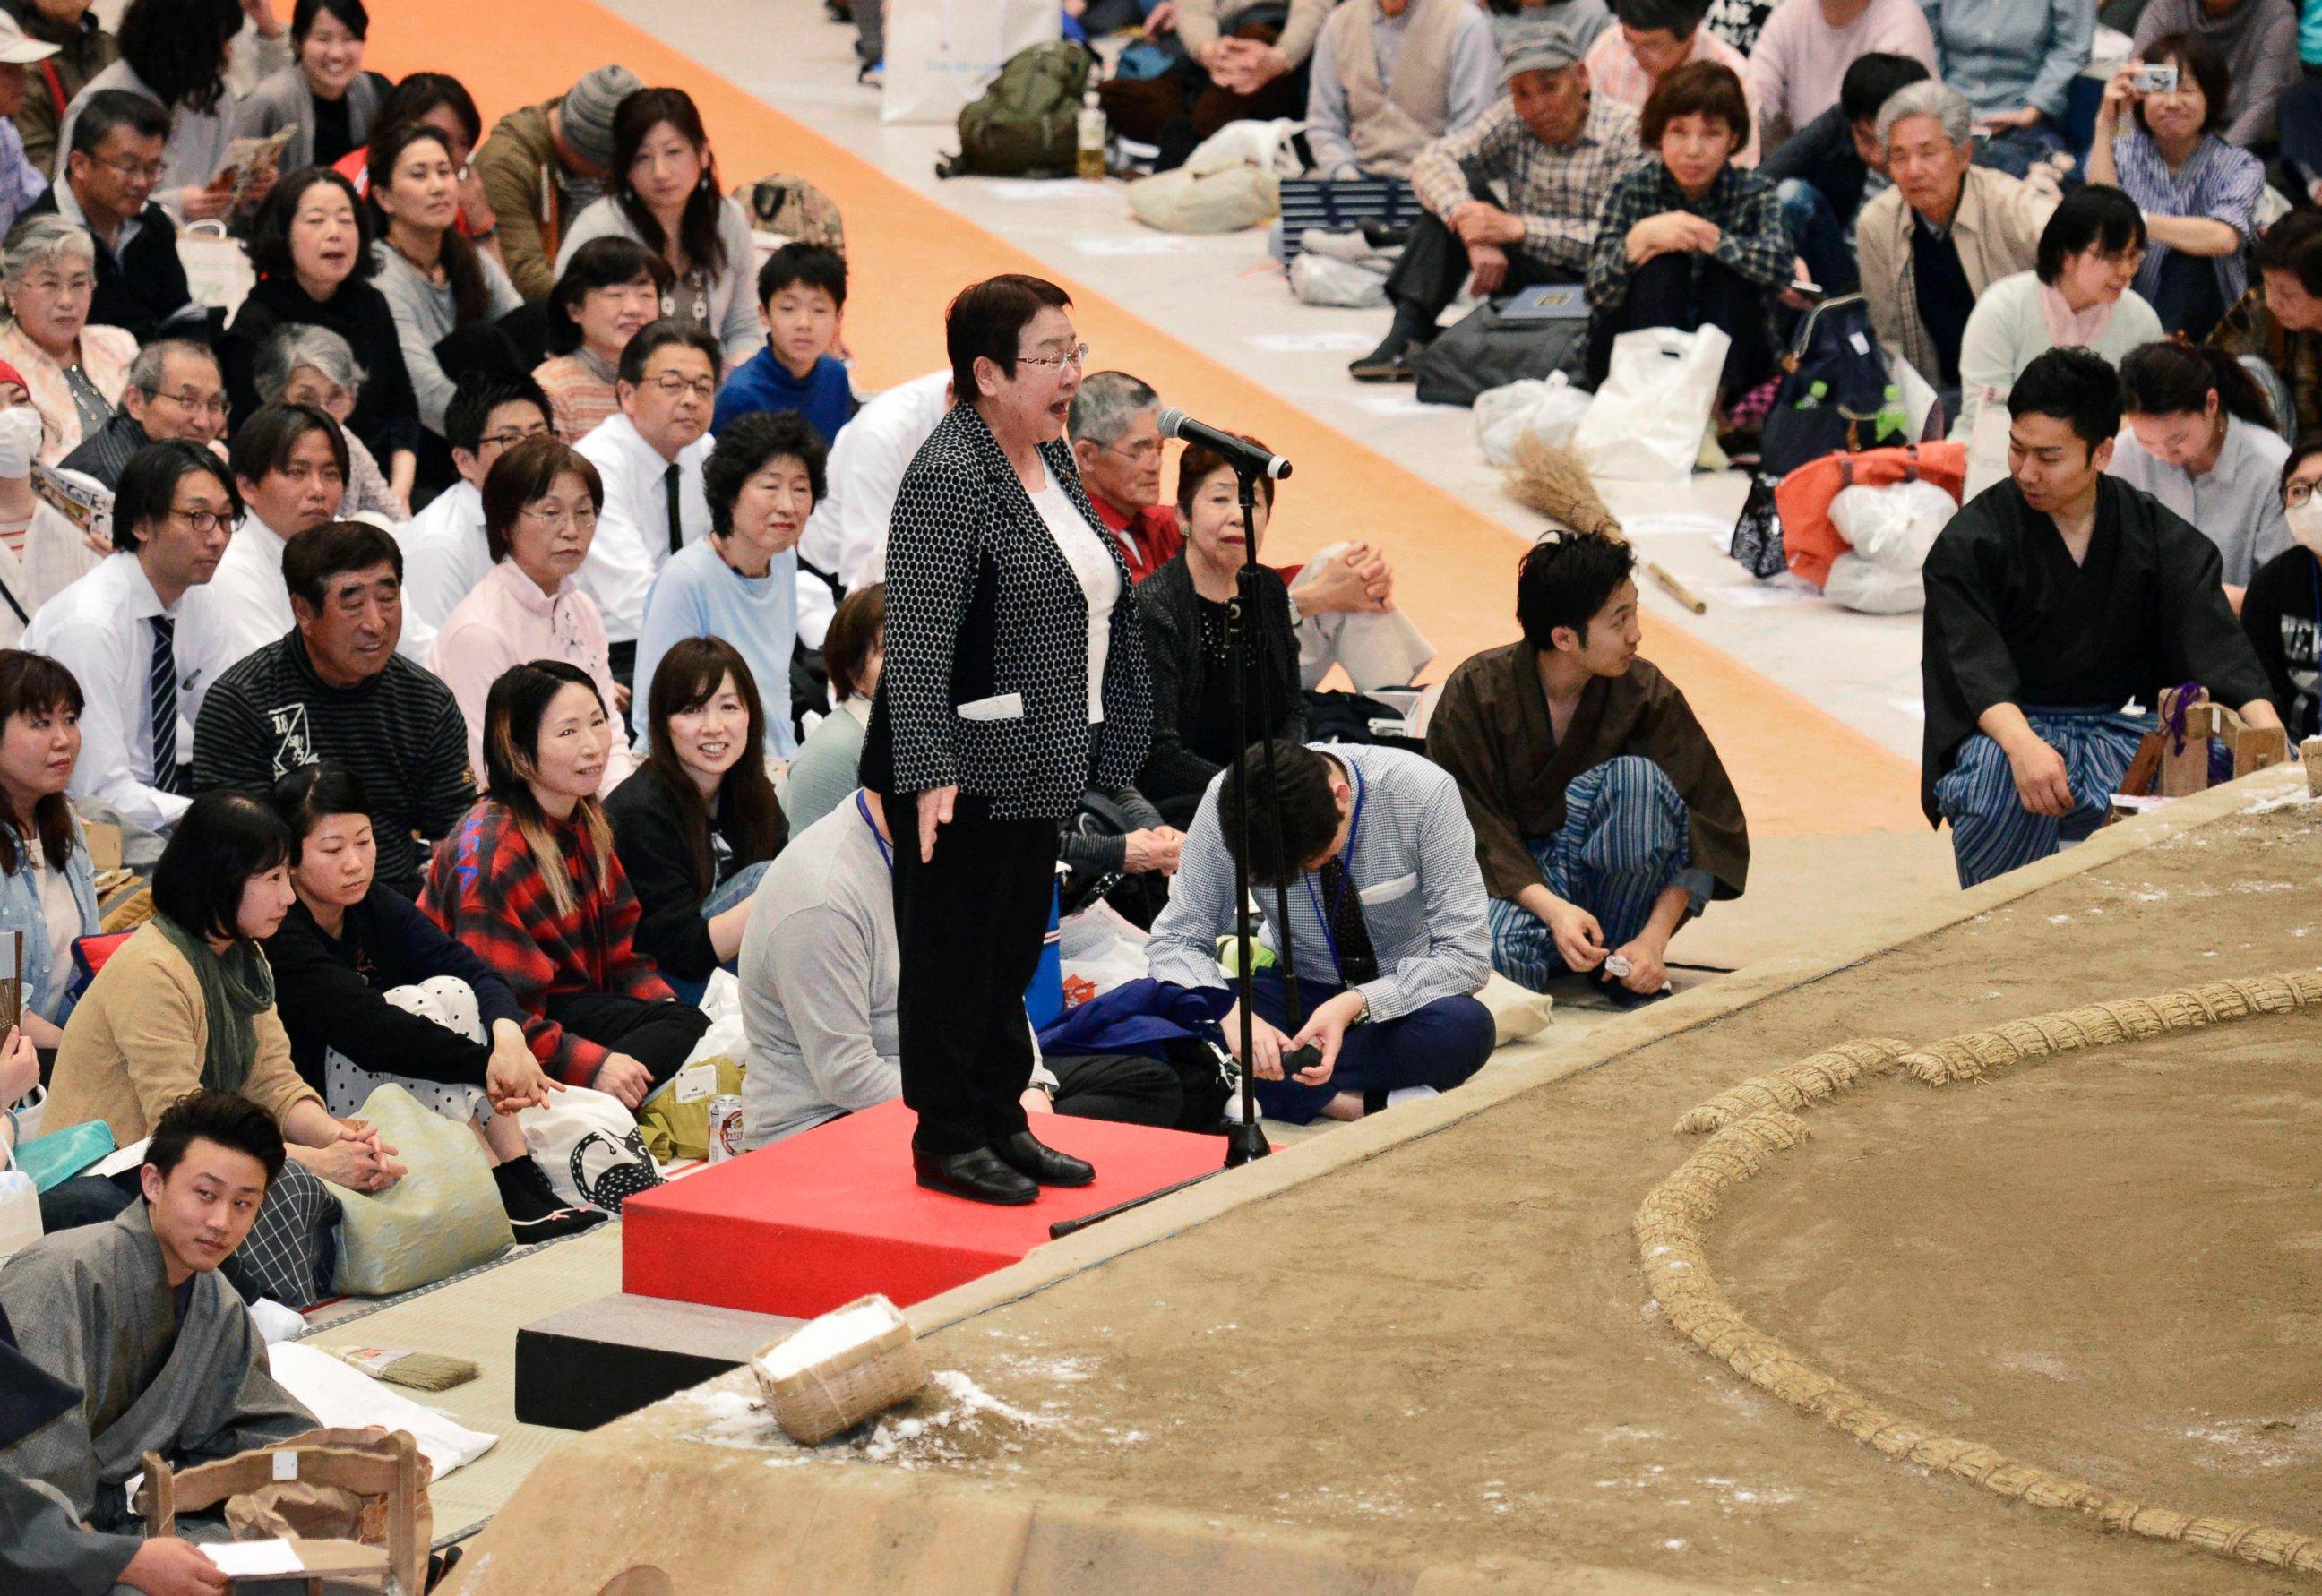 Au Japon, les femmes n'ont pas le droit de marcher sur le ring sacré du sumo. © Yoshihiko Imai / Kyoto News via AP.